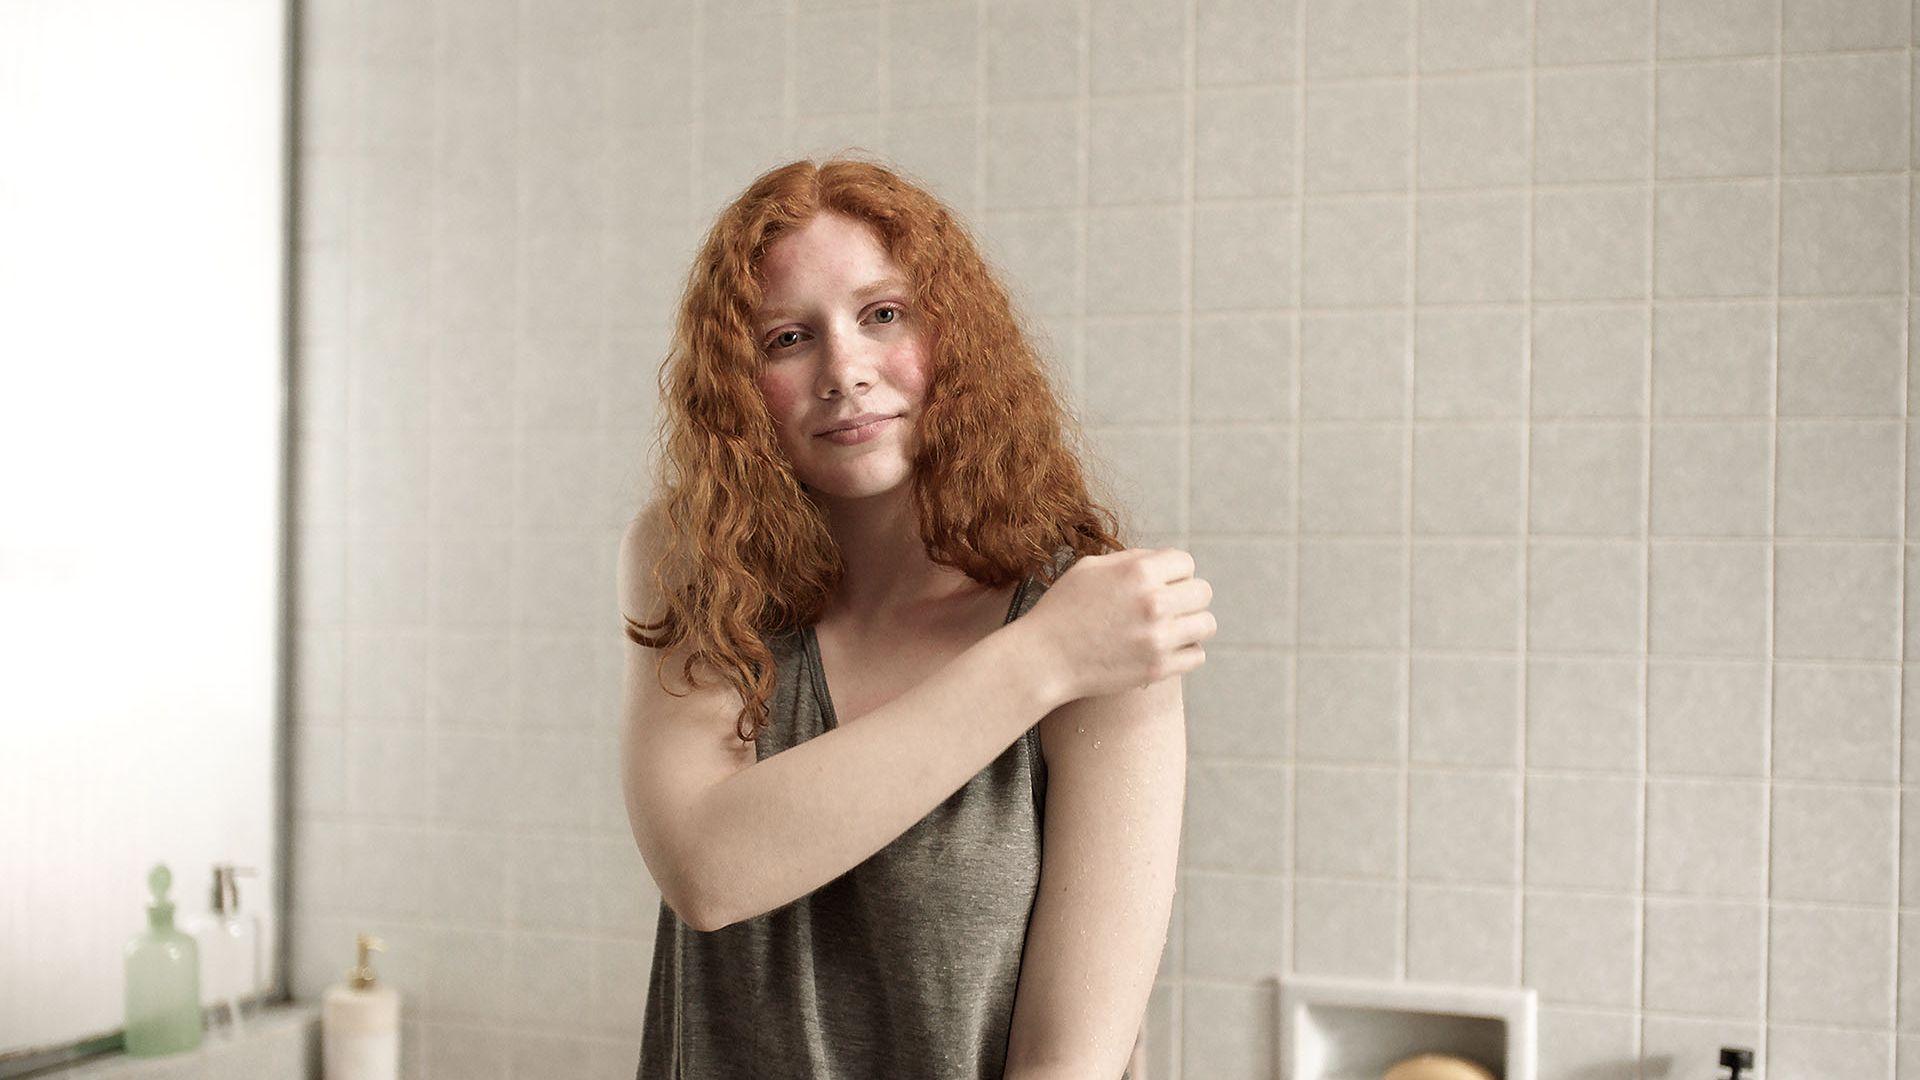 Нетолерантната кожа: Защо се превърна в масов проблем и как да се справим с нея